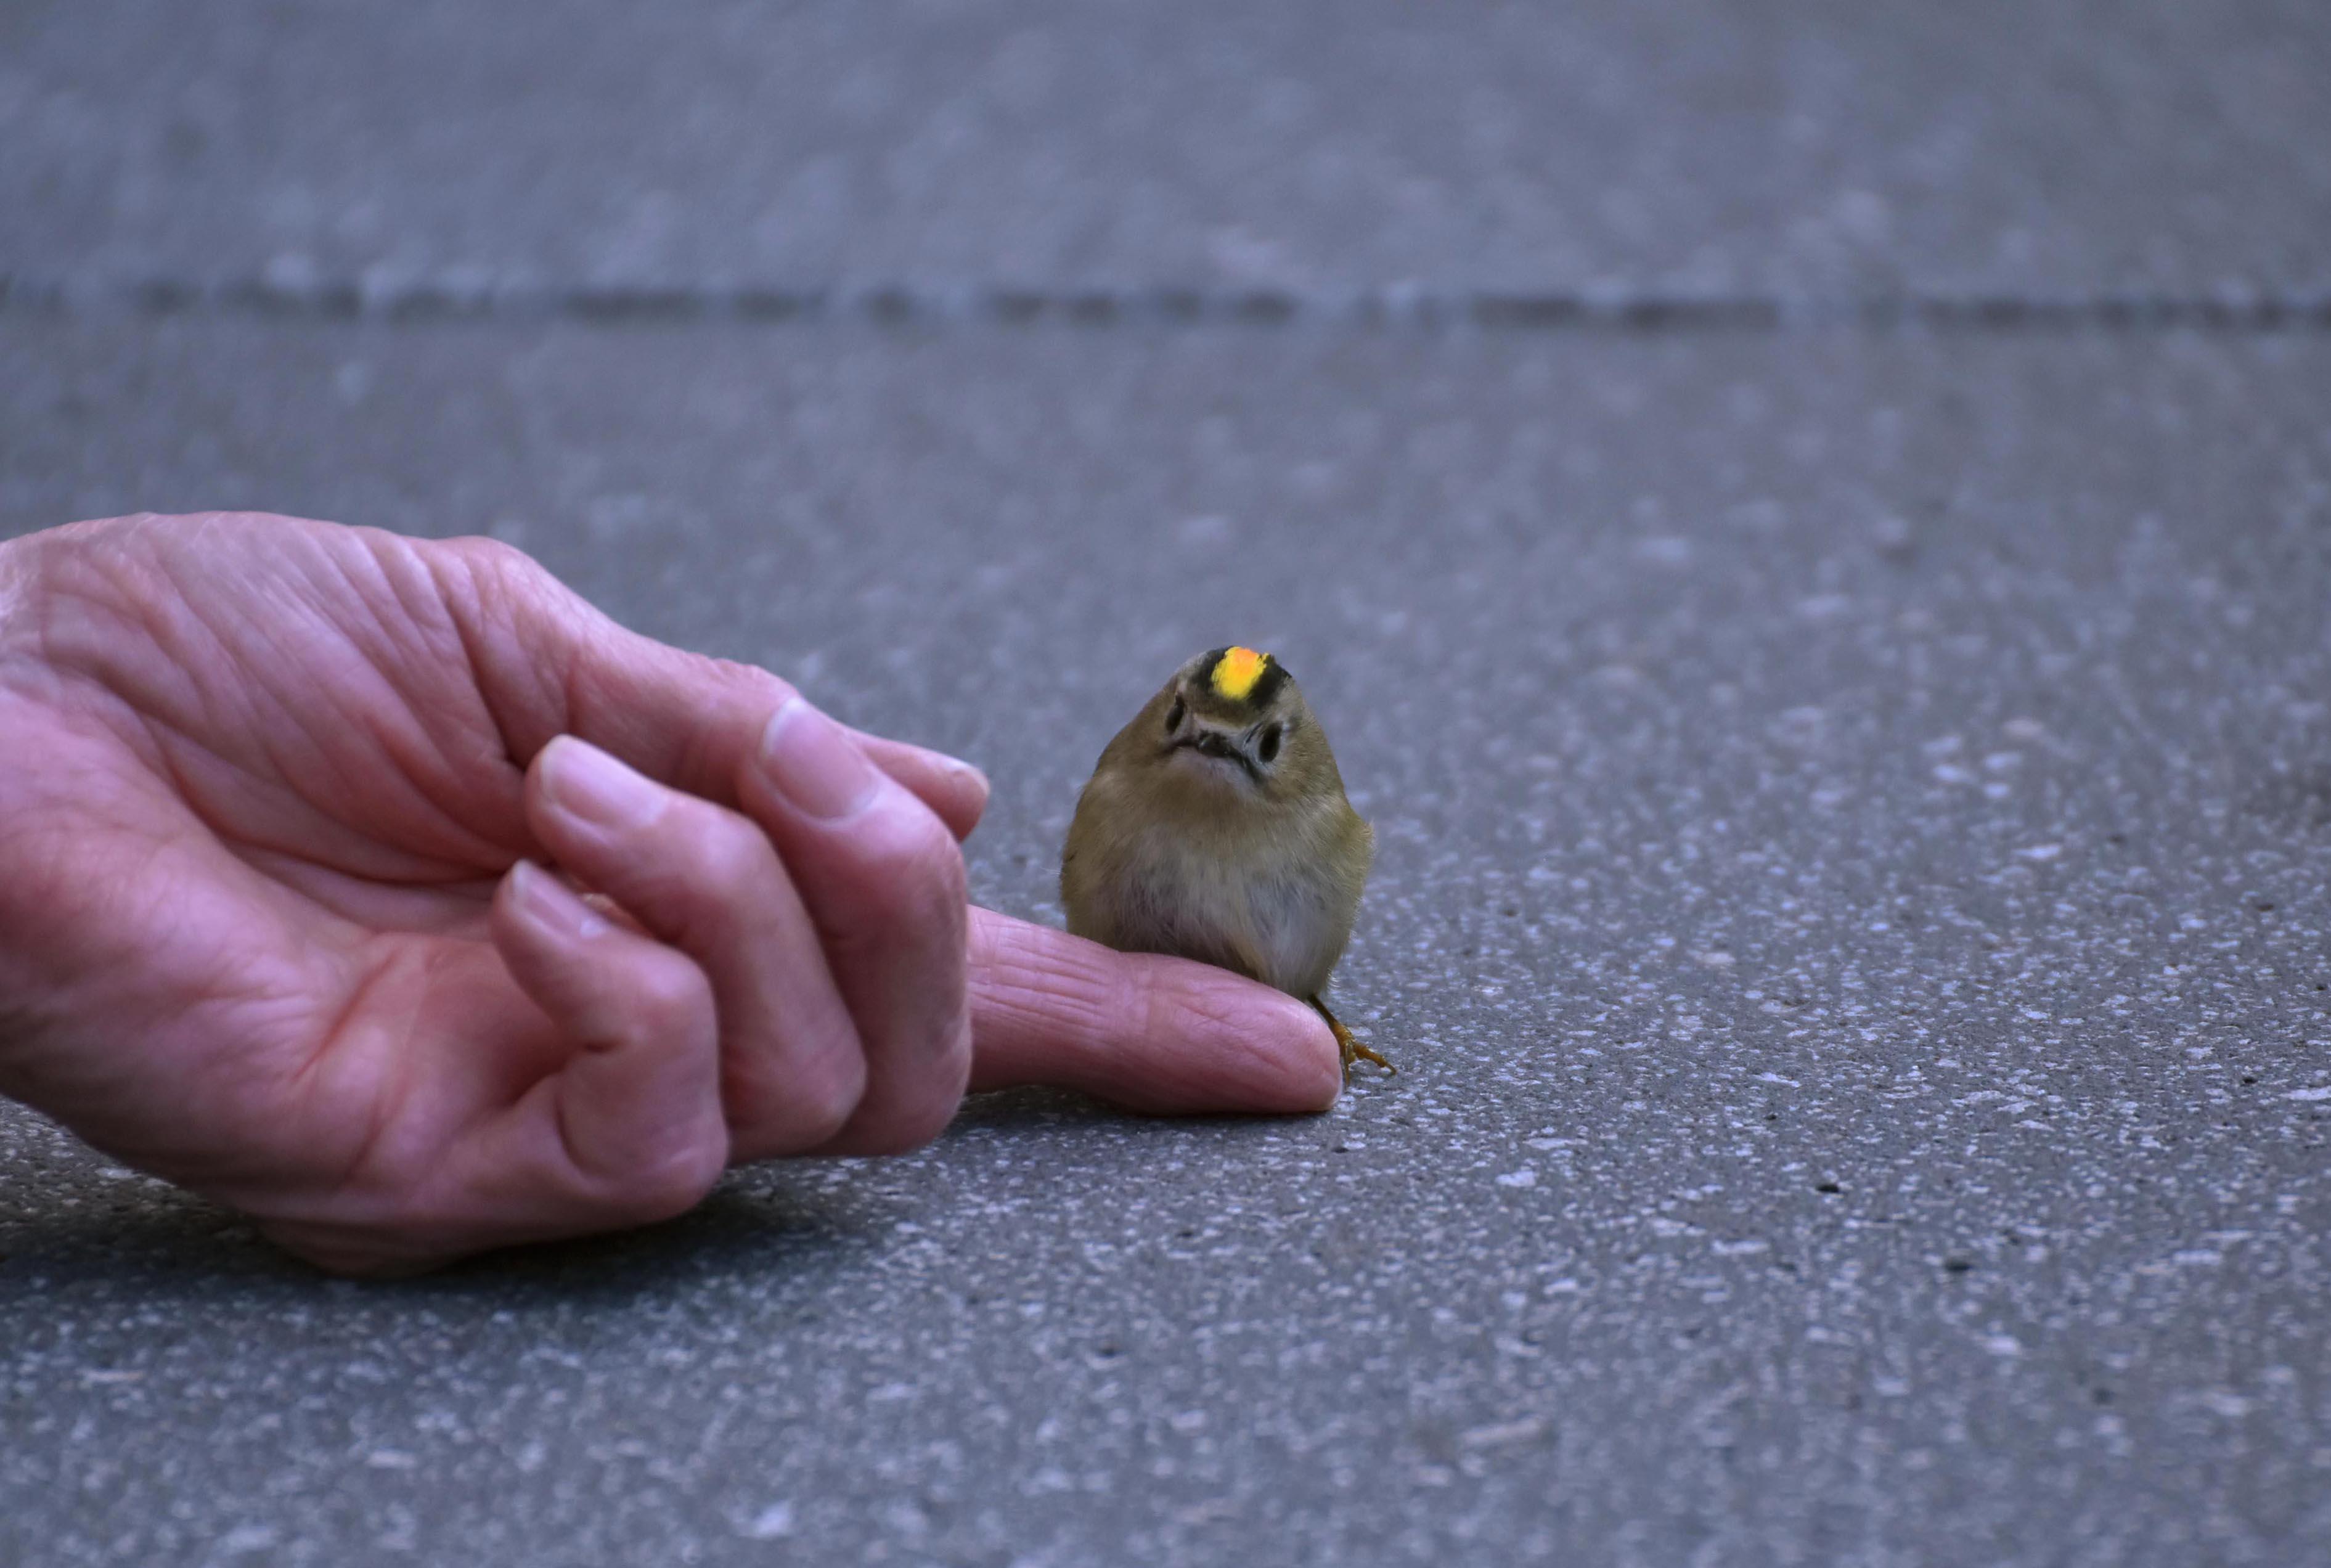 maar... wat een klein vogeltje - Foto's: ©Louis Fraanje